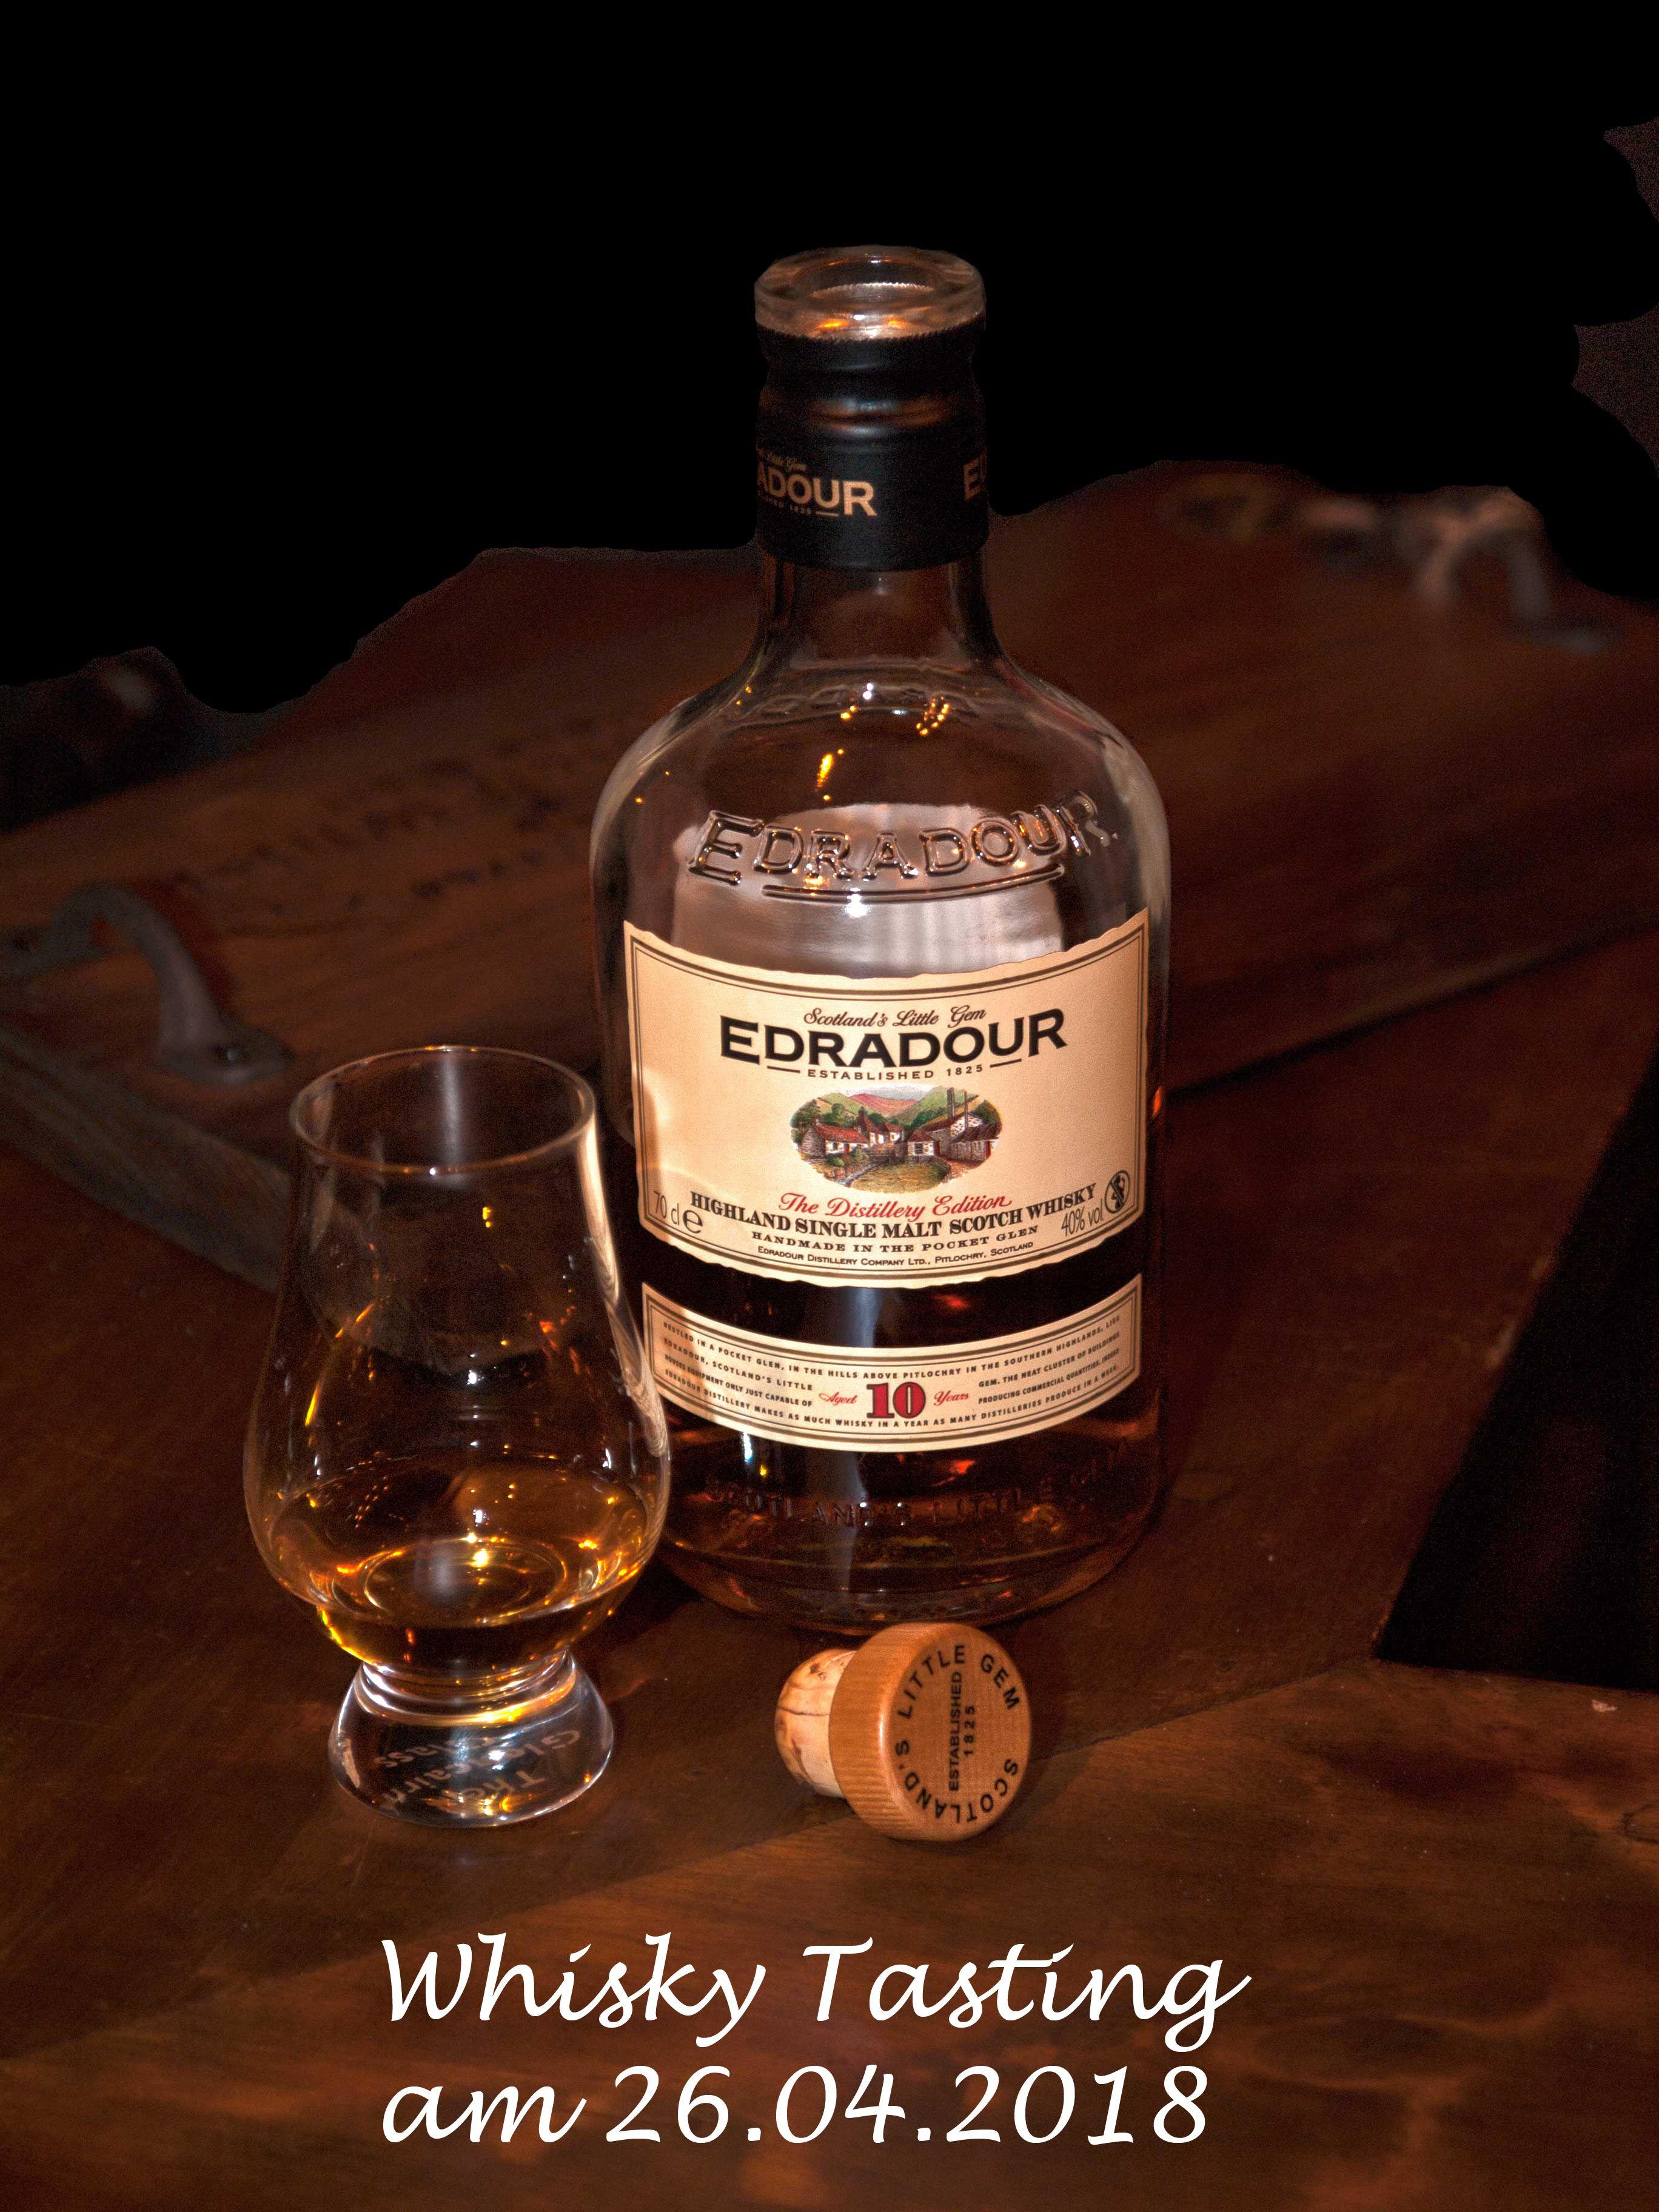 Whisky Tasting Berlin 26 04 2018 Um 19 30 Uhr Cafe Klatsch Alt